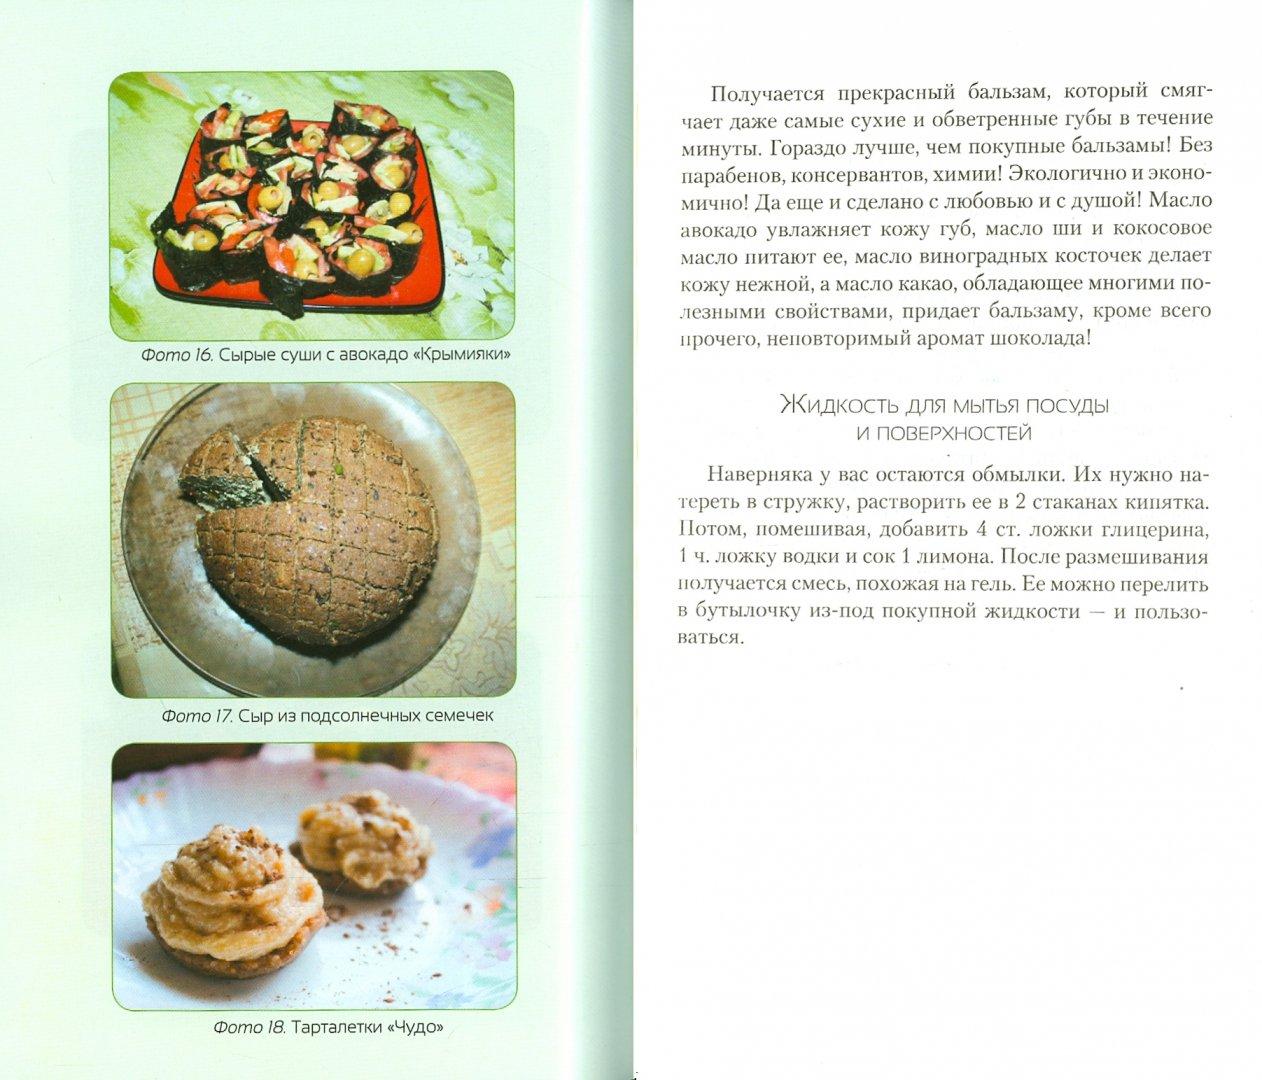 Иллюстрация 1 из 25 для Сыроедение: семейный опыт. Как легко похудеть и оздоровиться - Анна Плетнева | Лабиринт - книги. Источник: Лабиринт